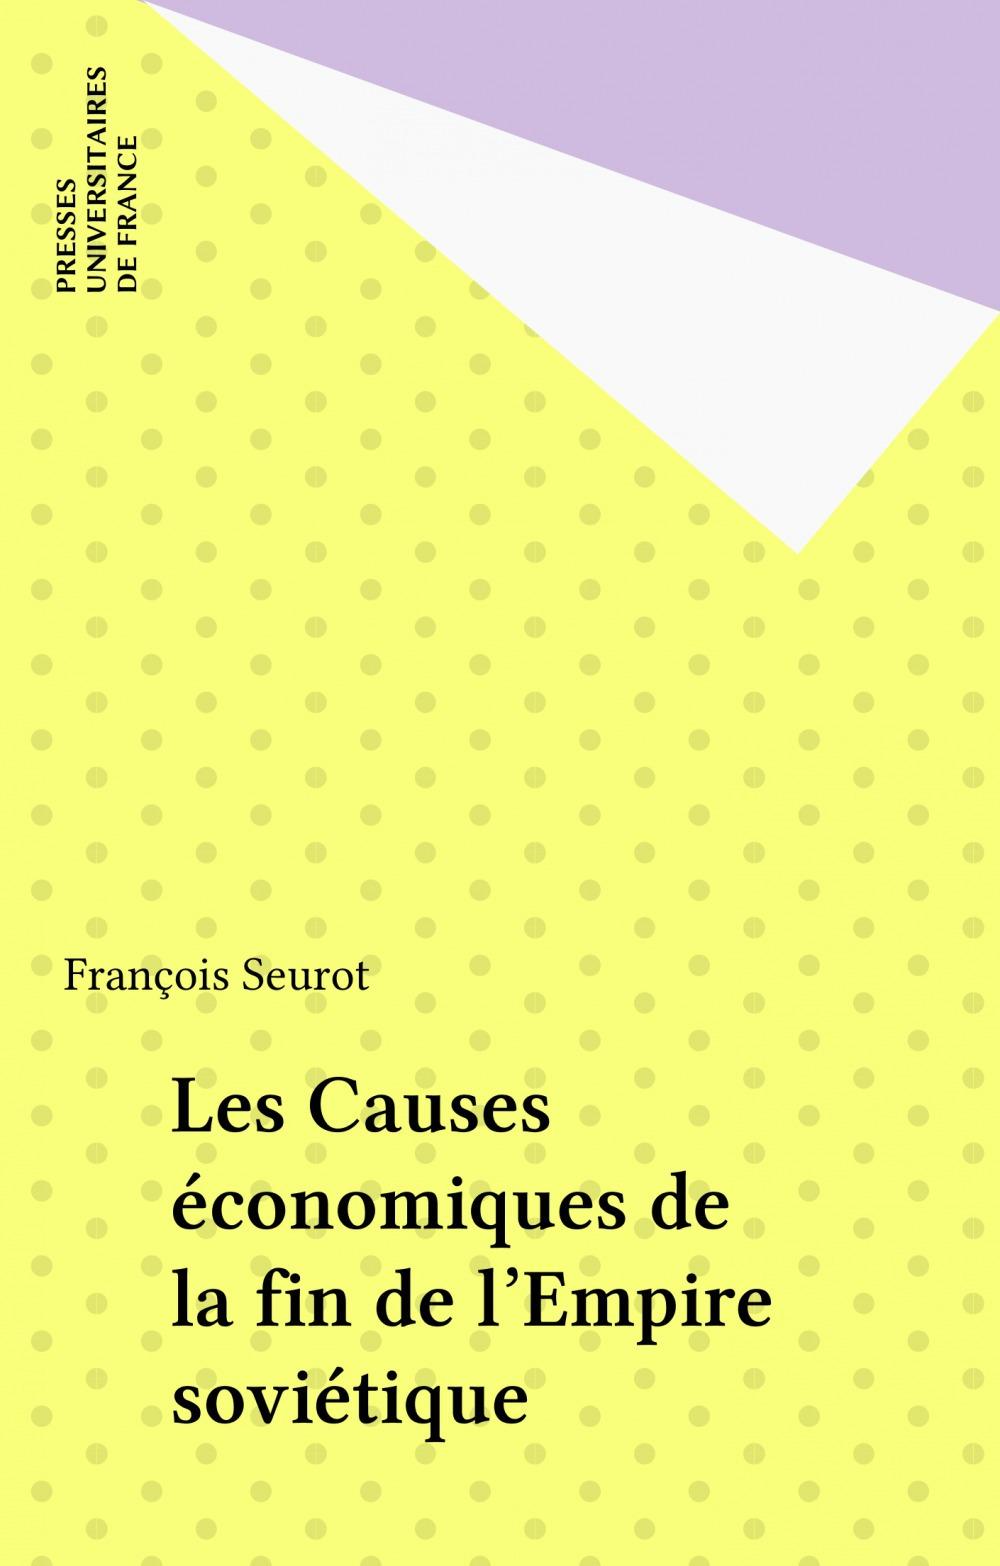 Les causes économiques de la fin de l'empire soviétique